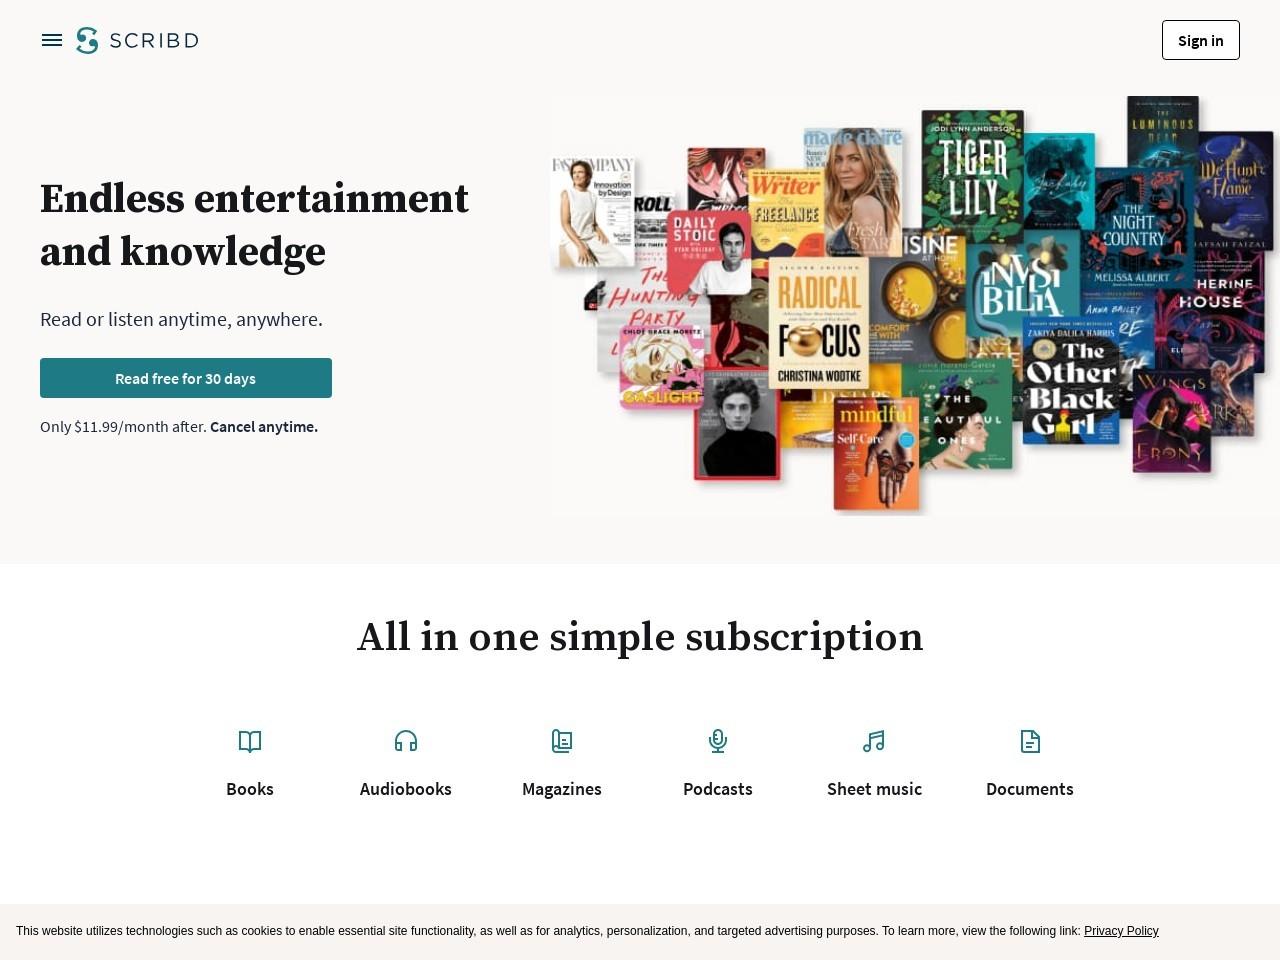 scribd.com